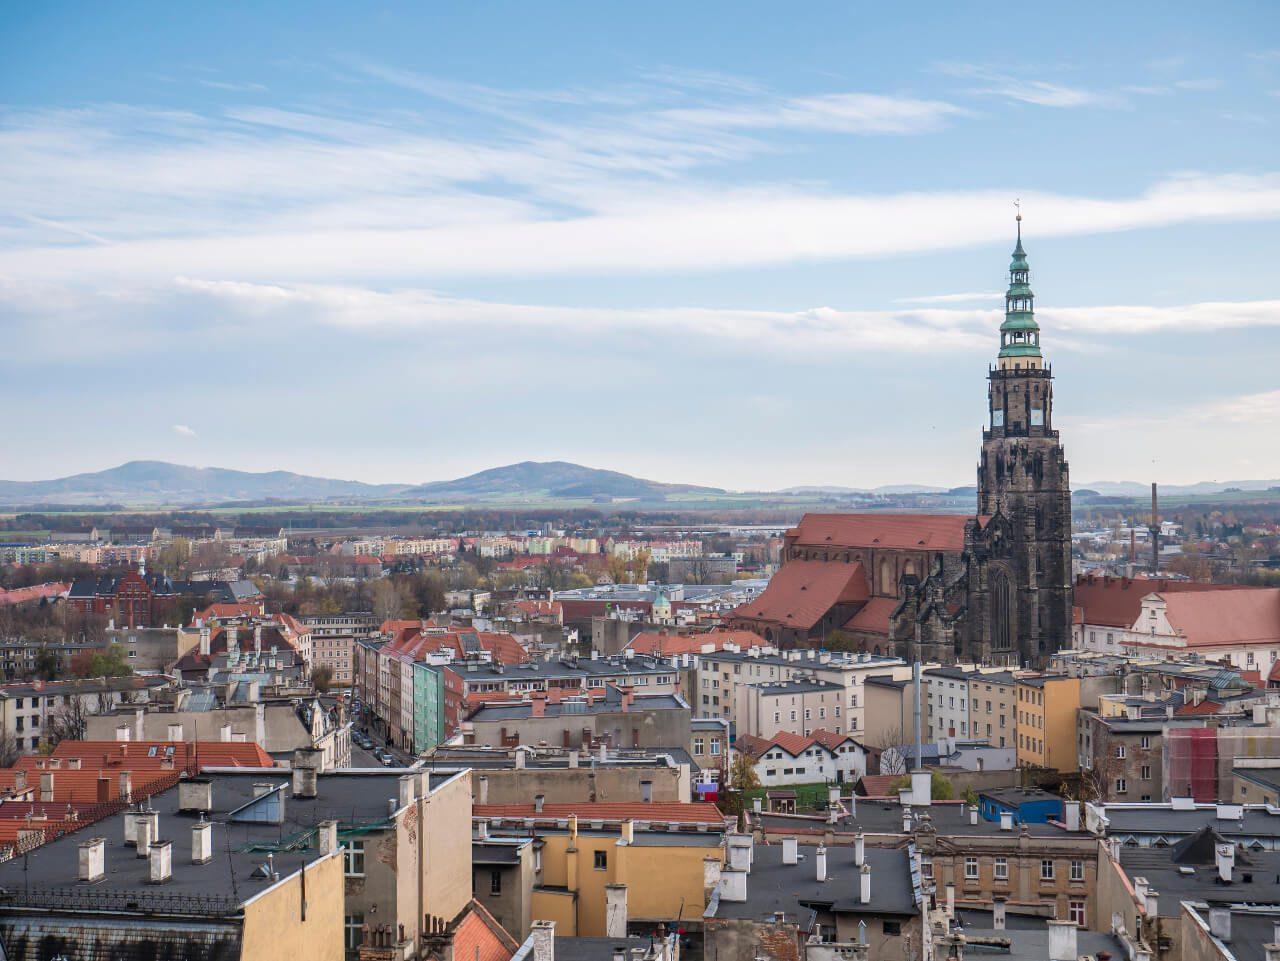 Widok na katedrę św. Stanisława i św. Wacława